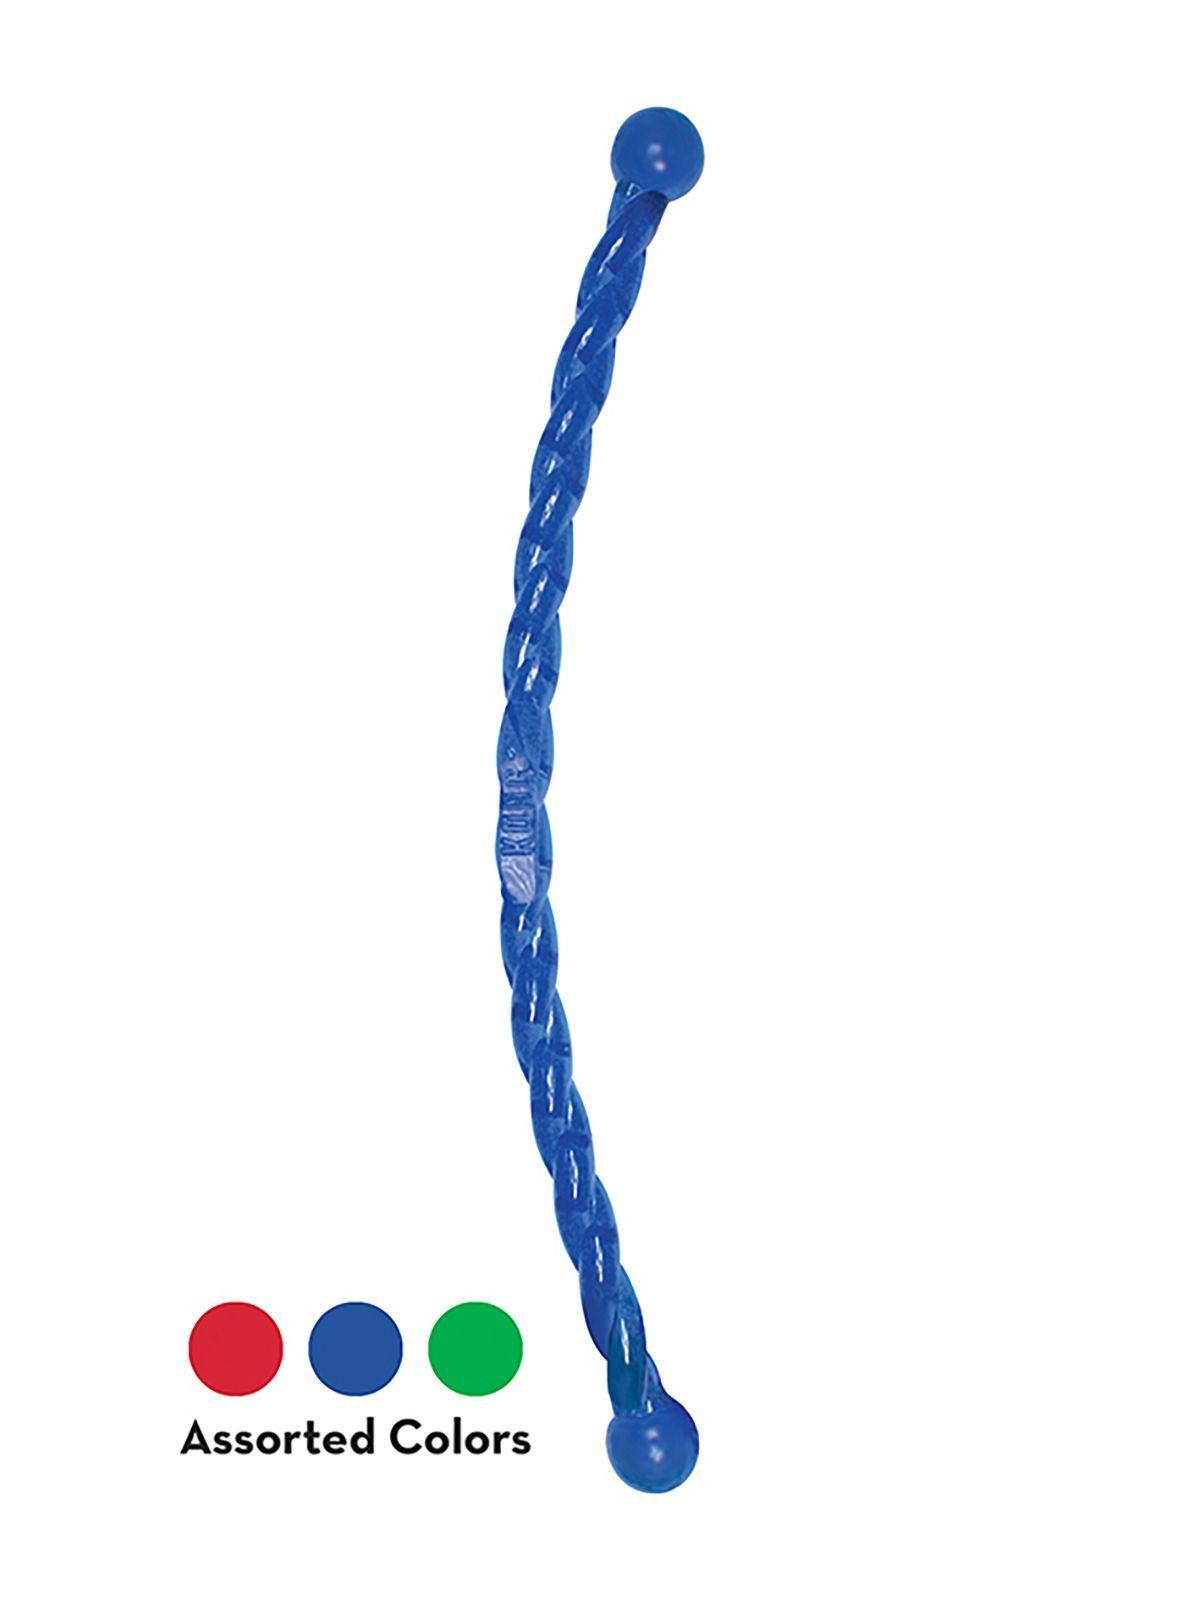 Игрушки Игрушка-аппортировка для собак KONG Safestix 45 см из синтетической резины средняя PF2_1.jpeg